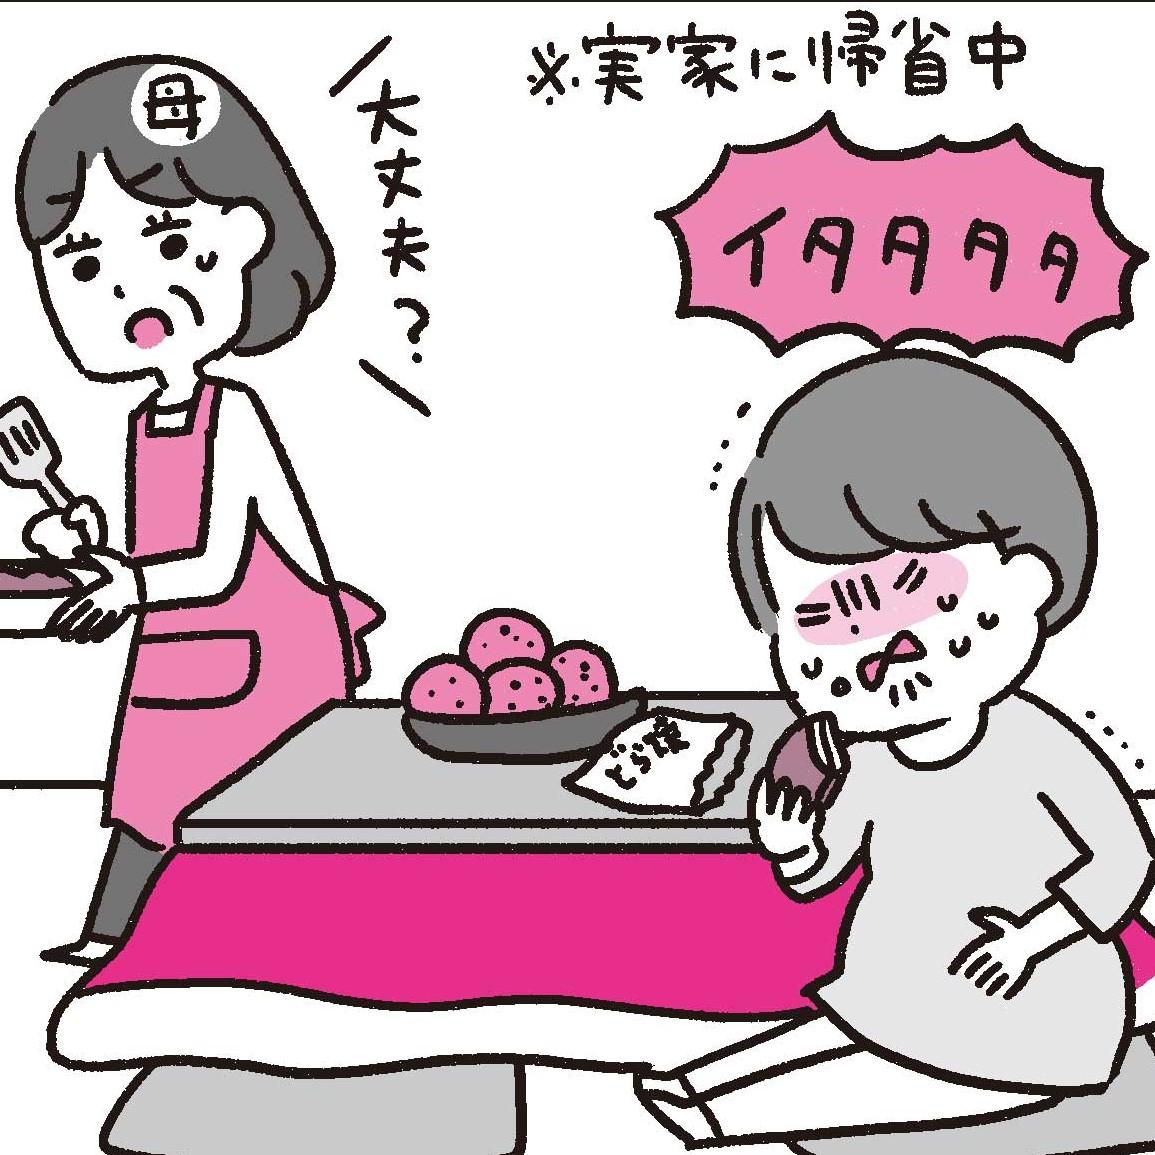 筋腫 変性 子宮